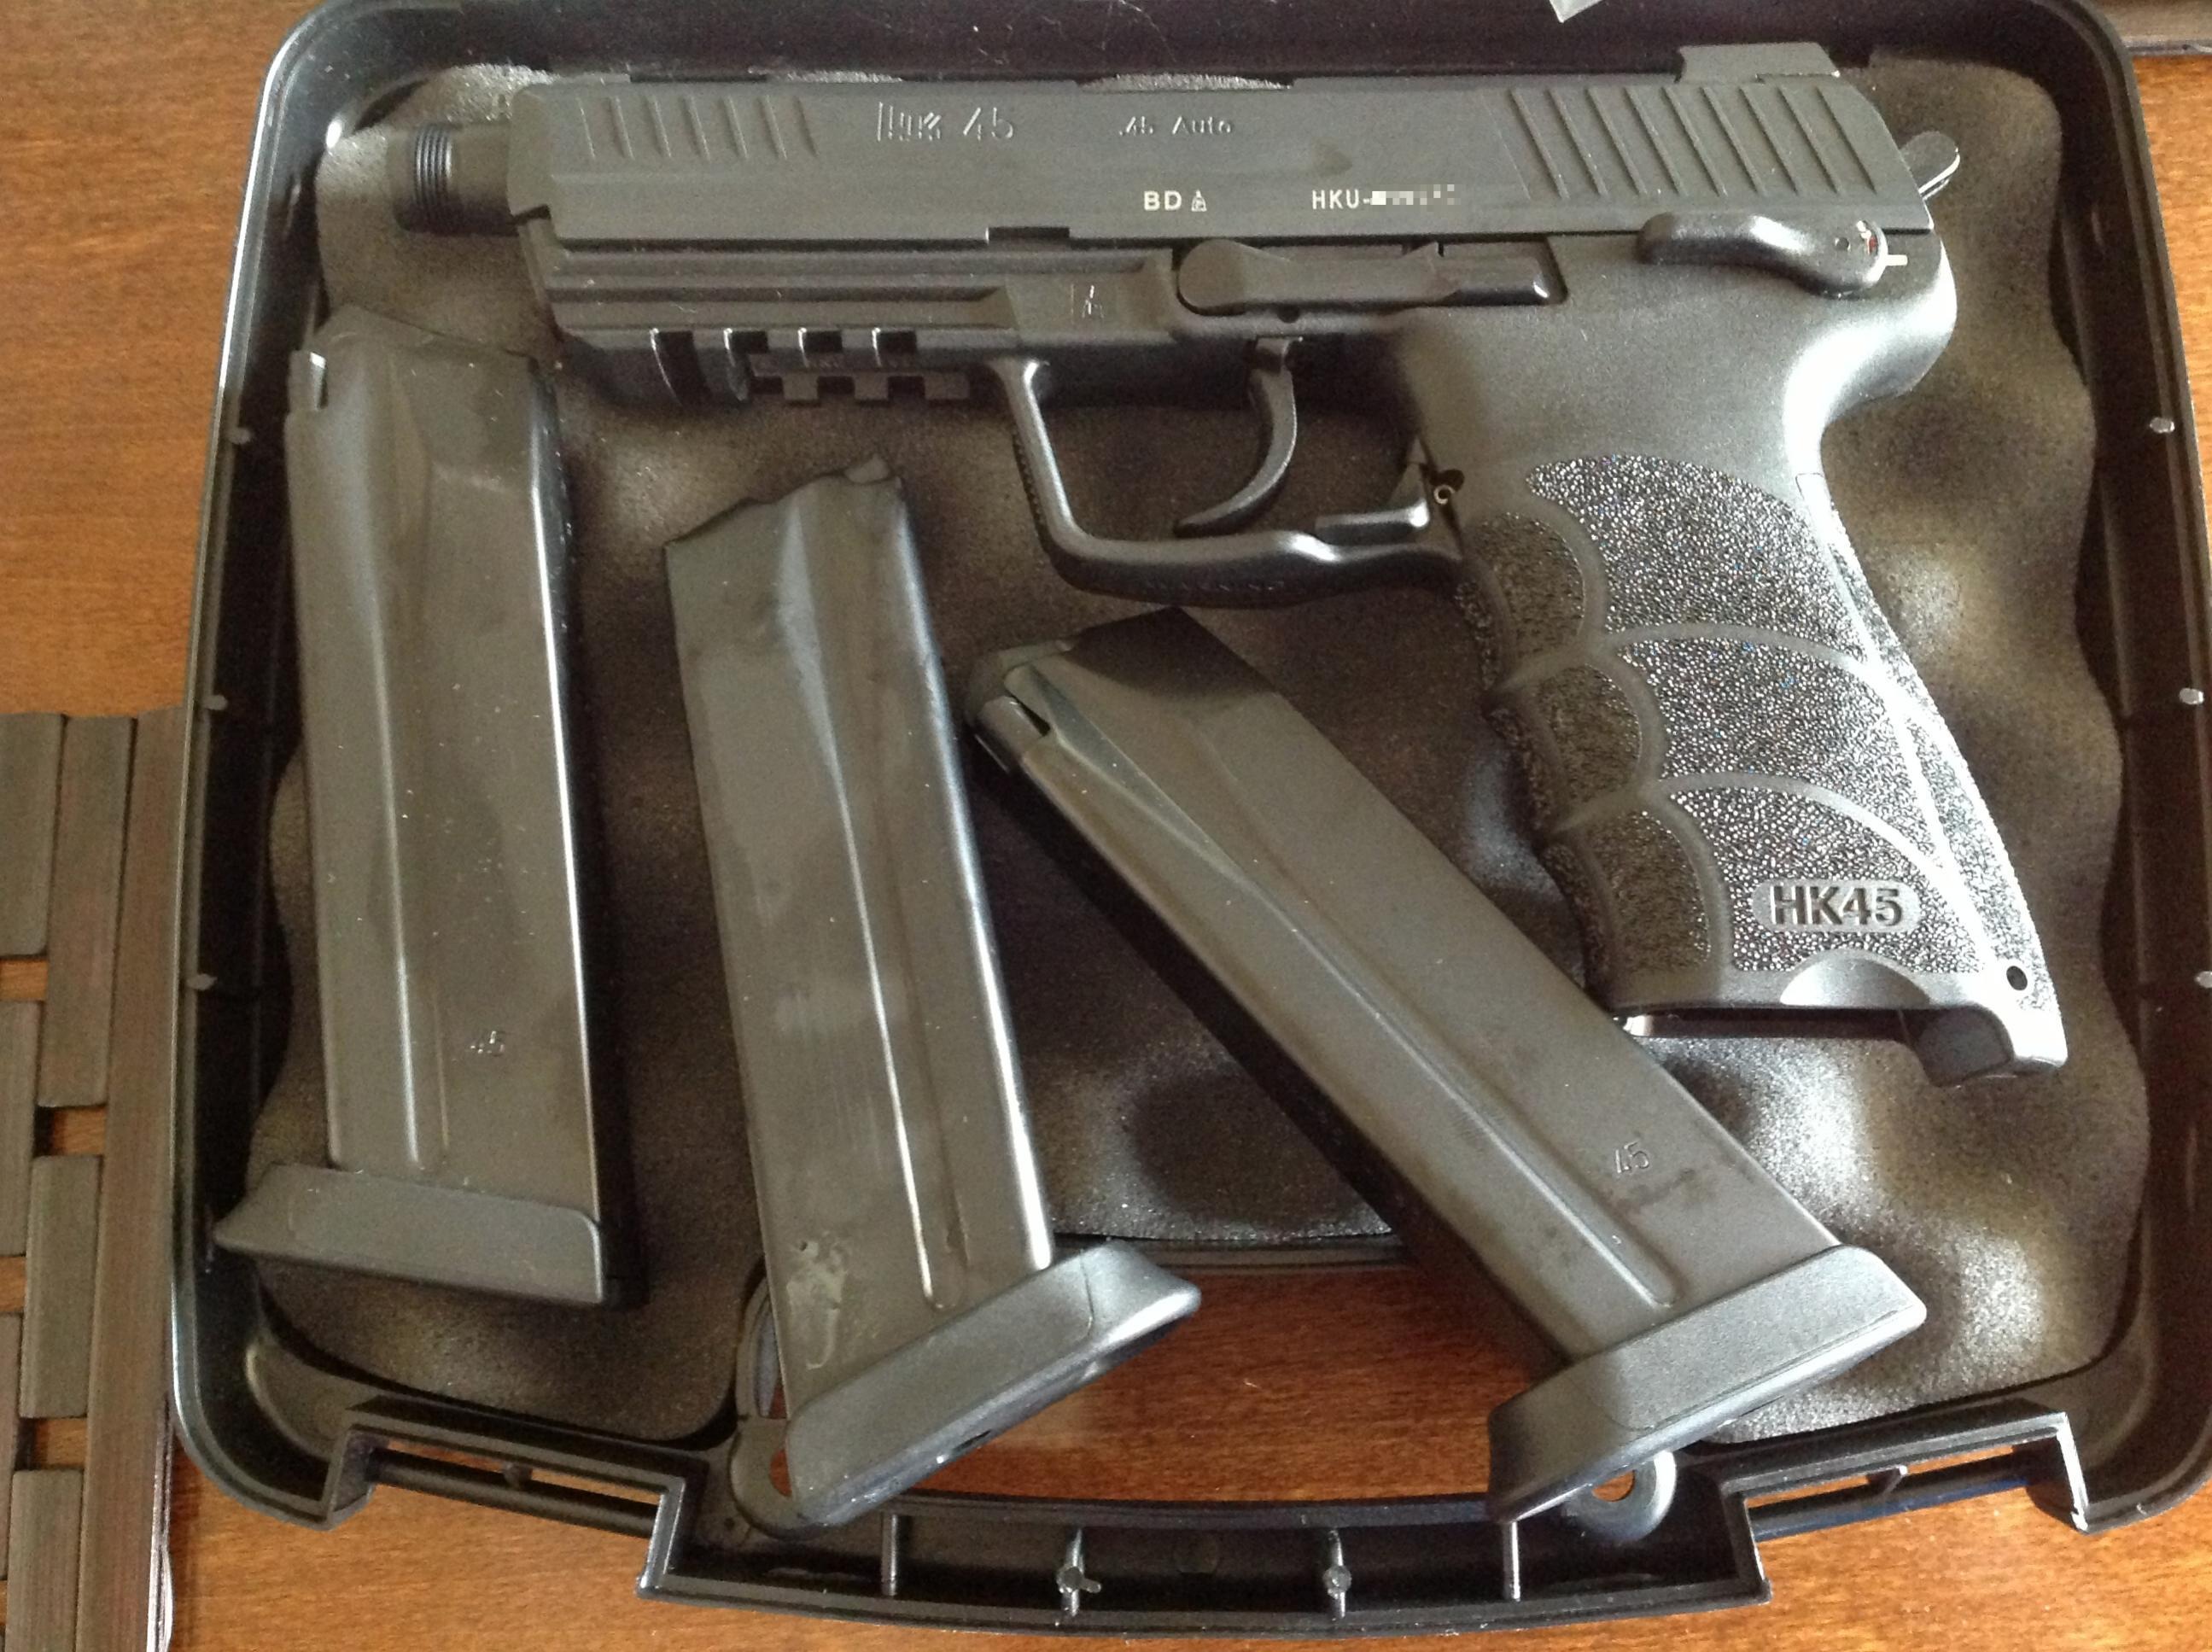 New HK45 Tactical (Black) Pics Inside